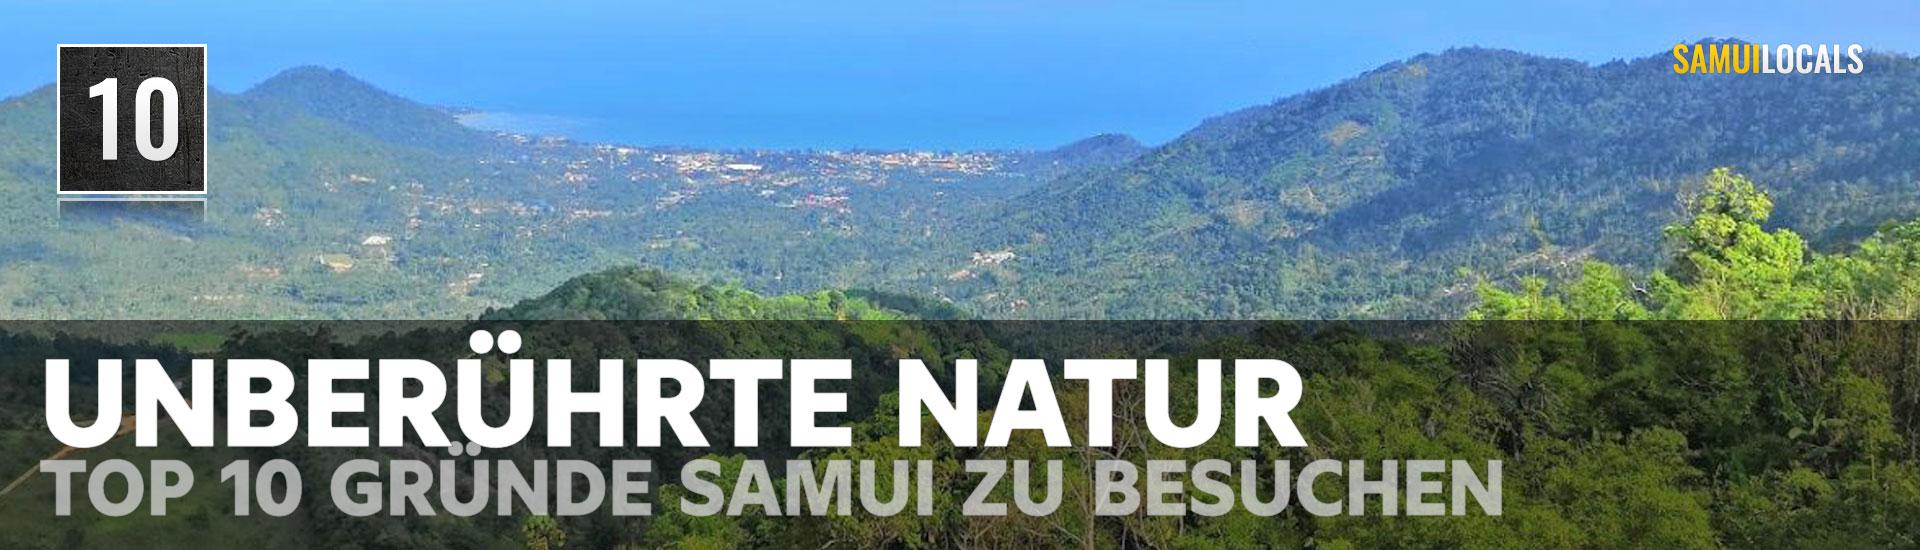 top_10_gruende_samui_zu_besuchen_unberuehrte_natur